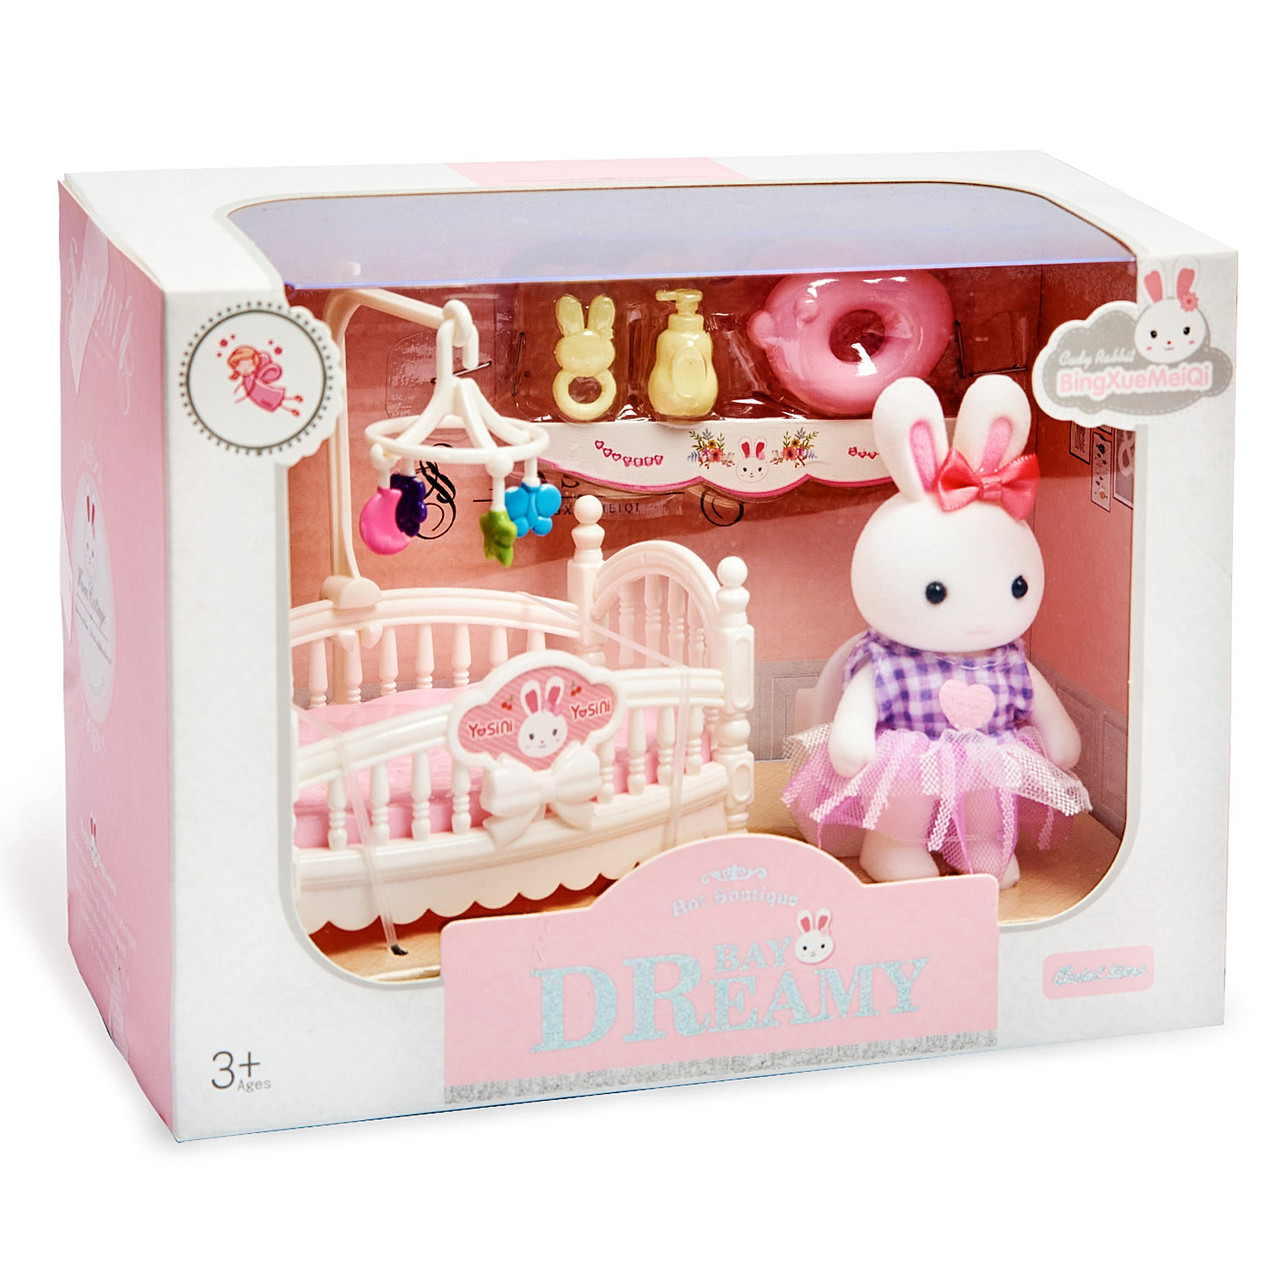 Дитяча кімната для зайчика. Ліжечко для флоксовых іграшок.